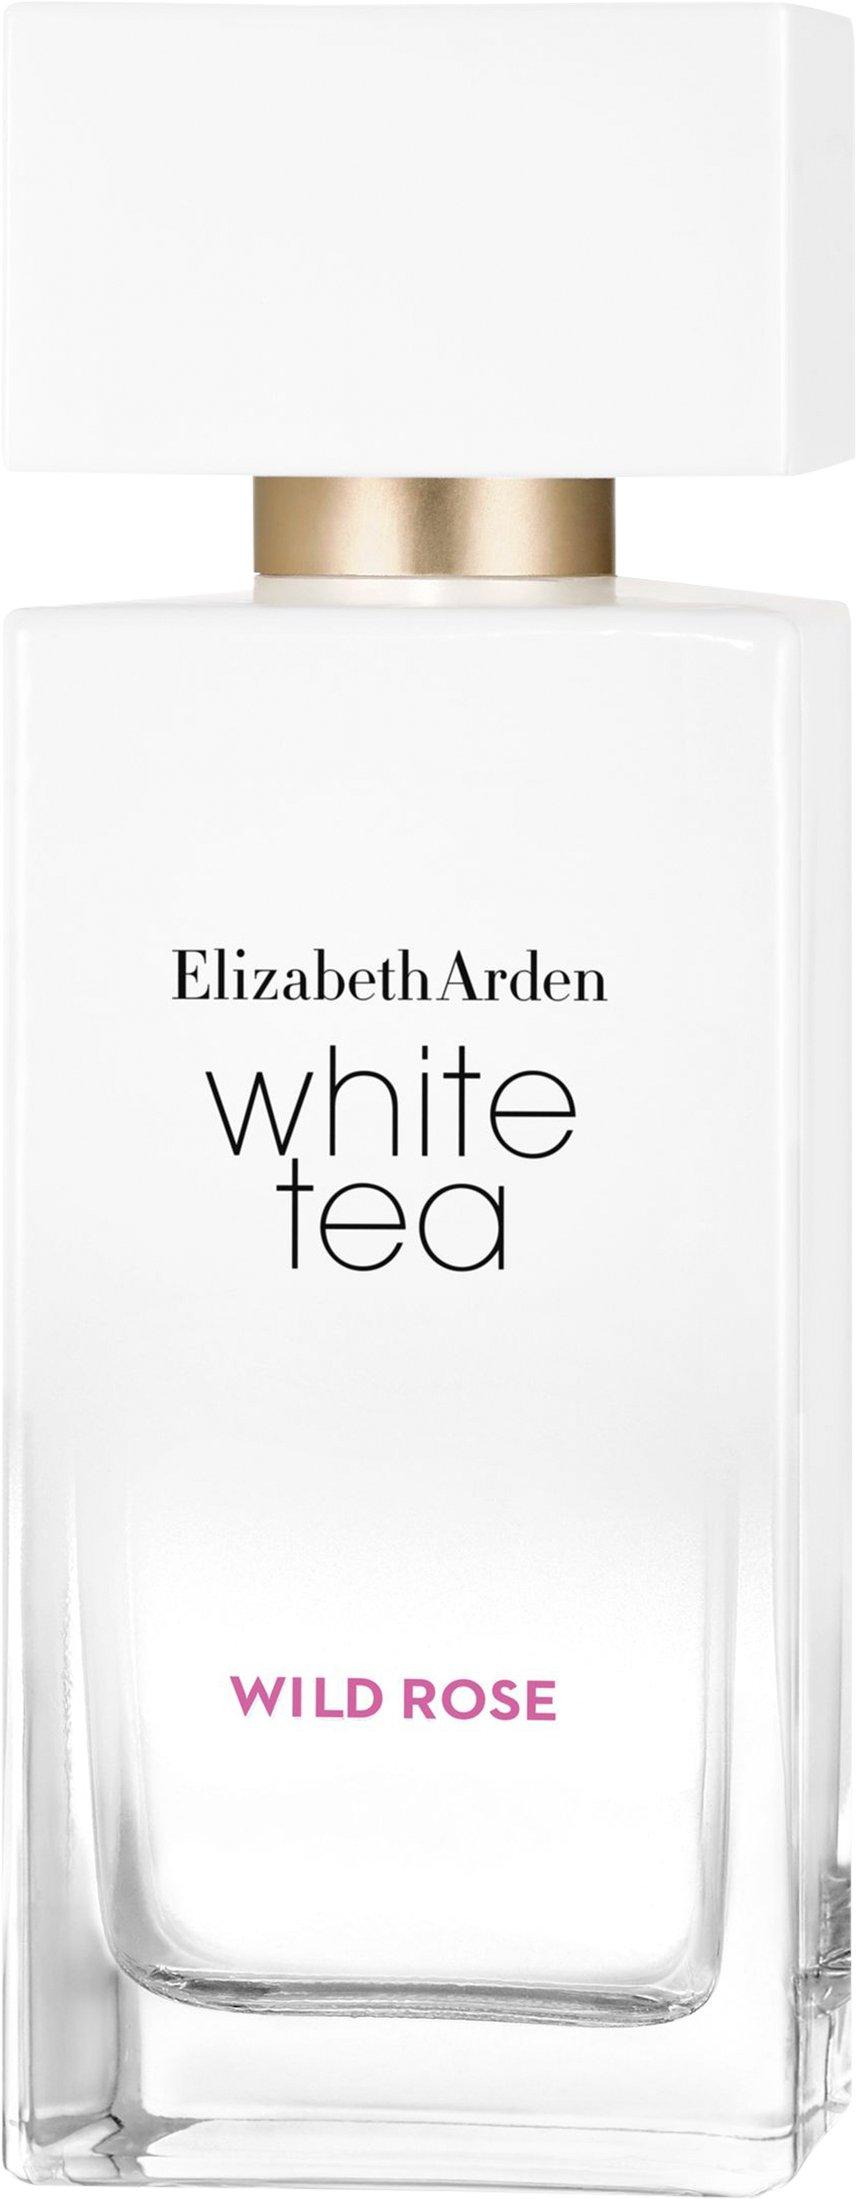 Elizabeth Arden - White Tea Wild Rose EDT 50 ml